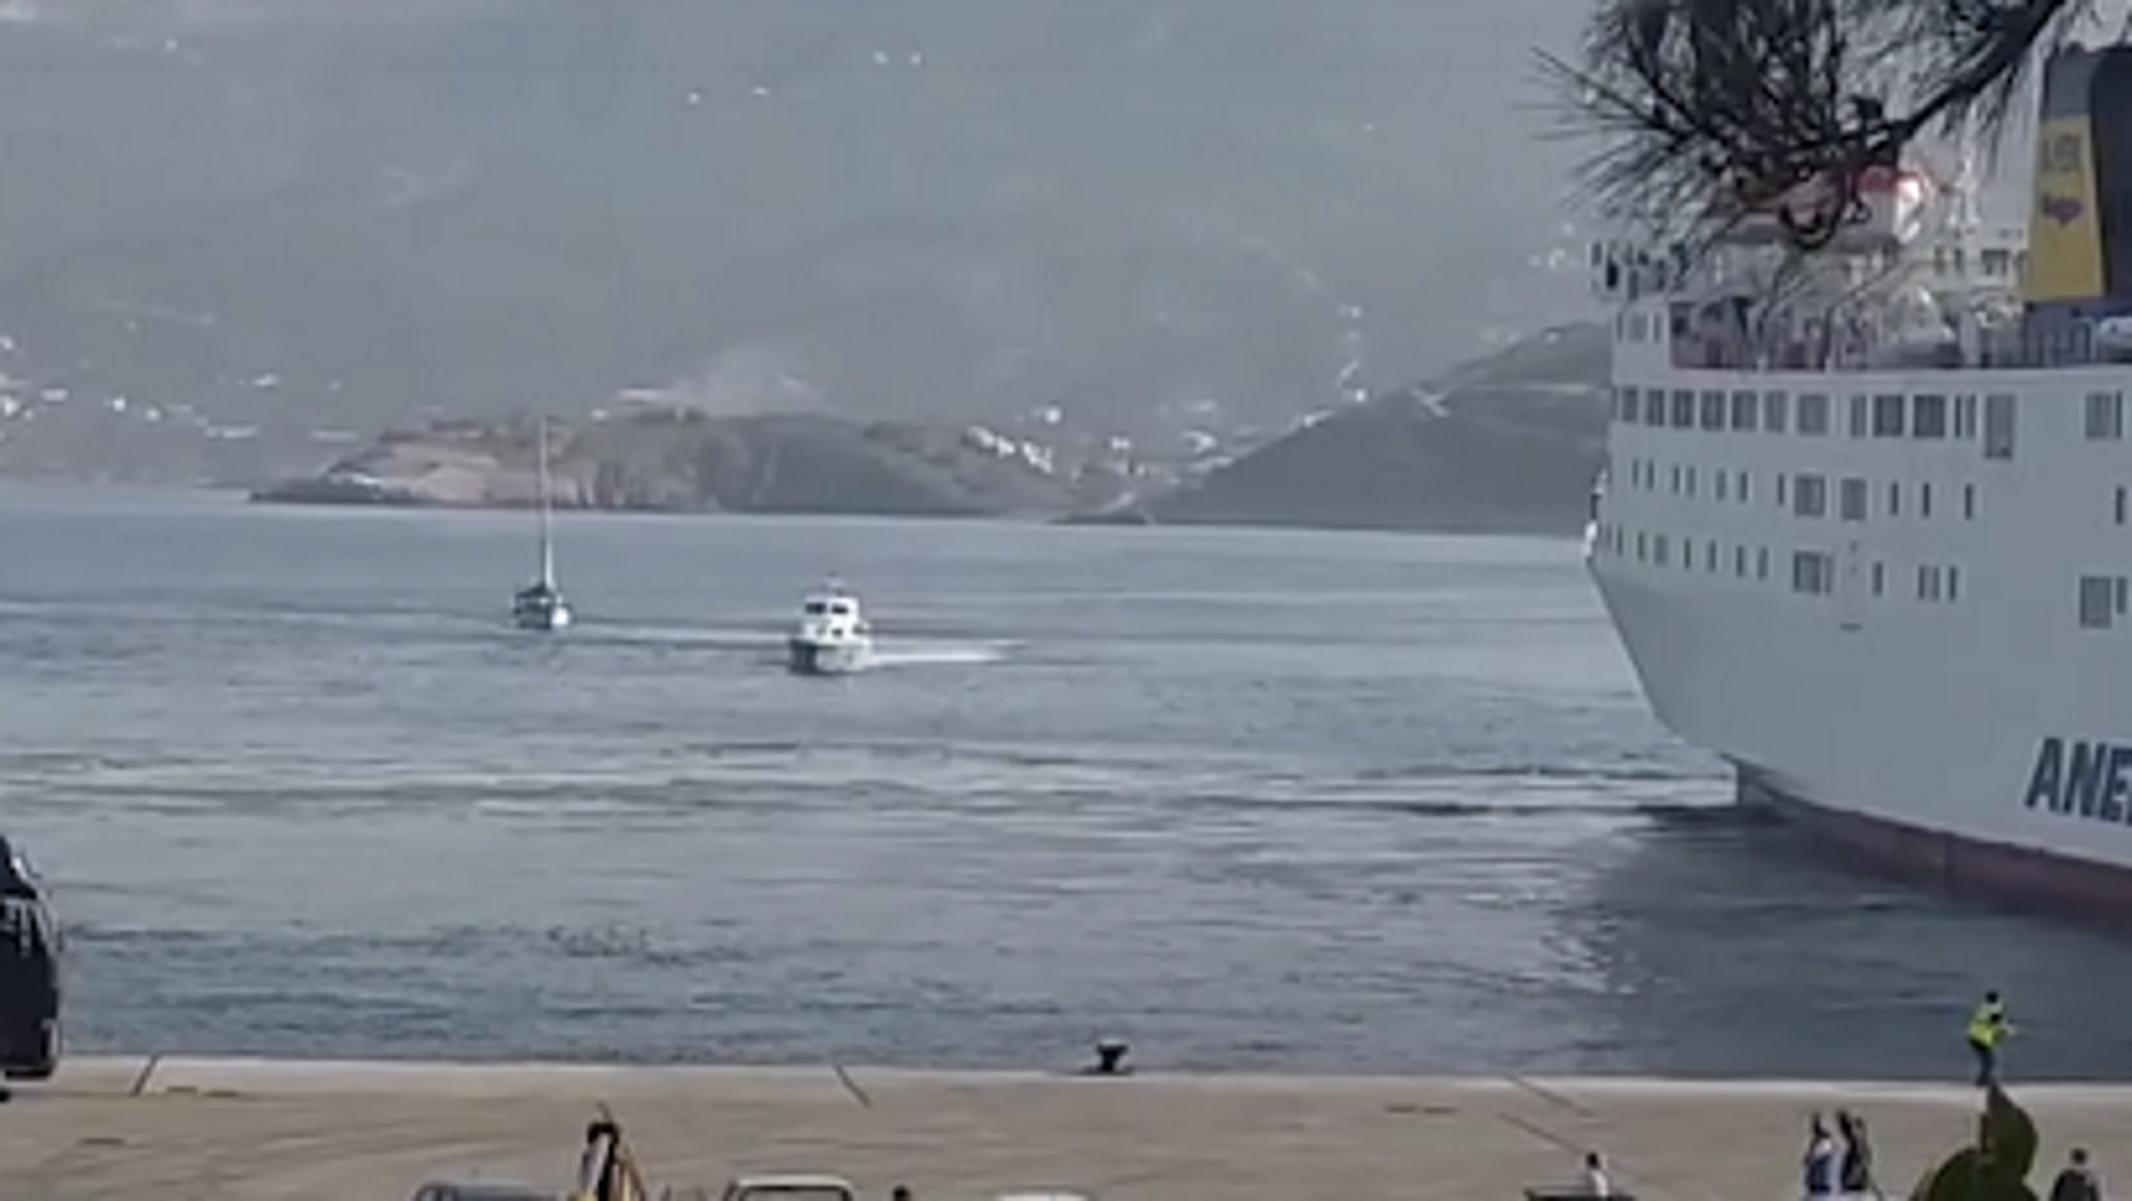 Αυτό είναι το σκάφος με τους Τούρκους που ζητούν άσυλο – Η στιγμή που μπαίνει στο λιμάνι της Σητείας (pics, video)